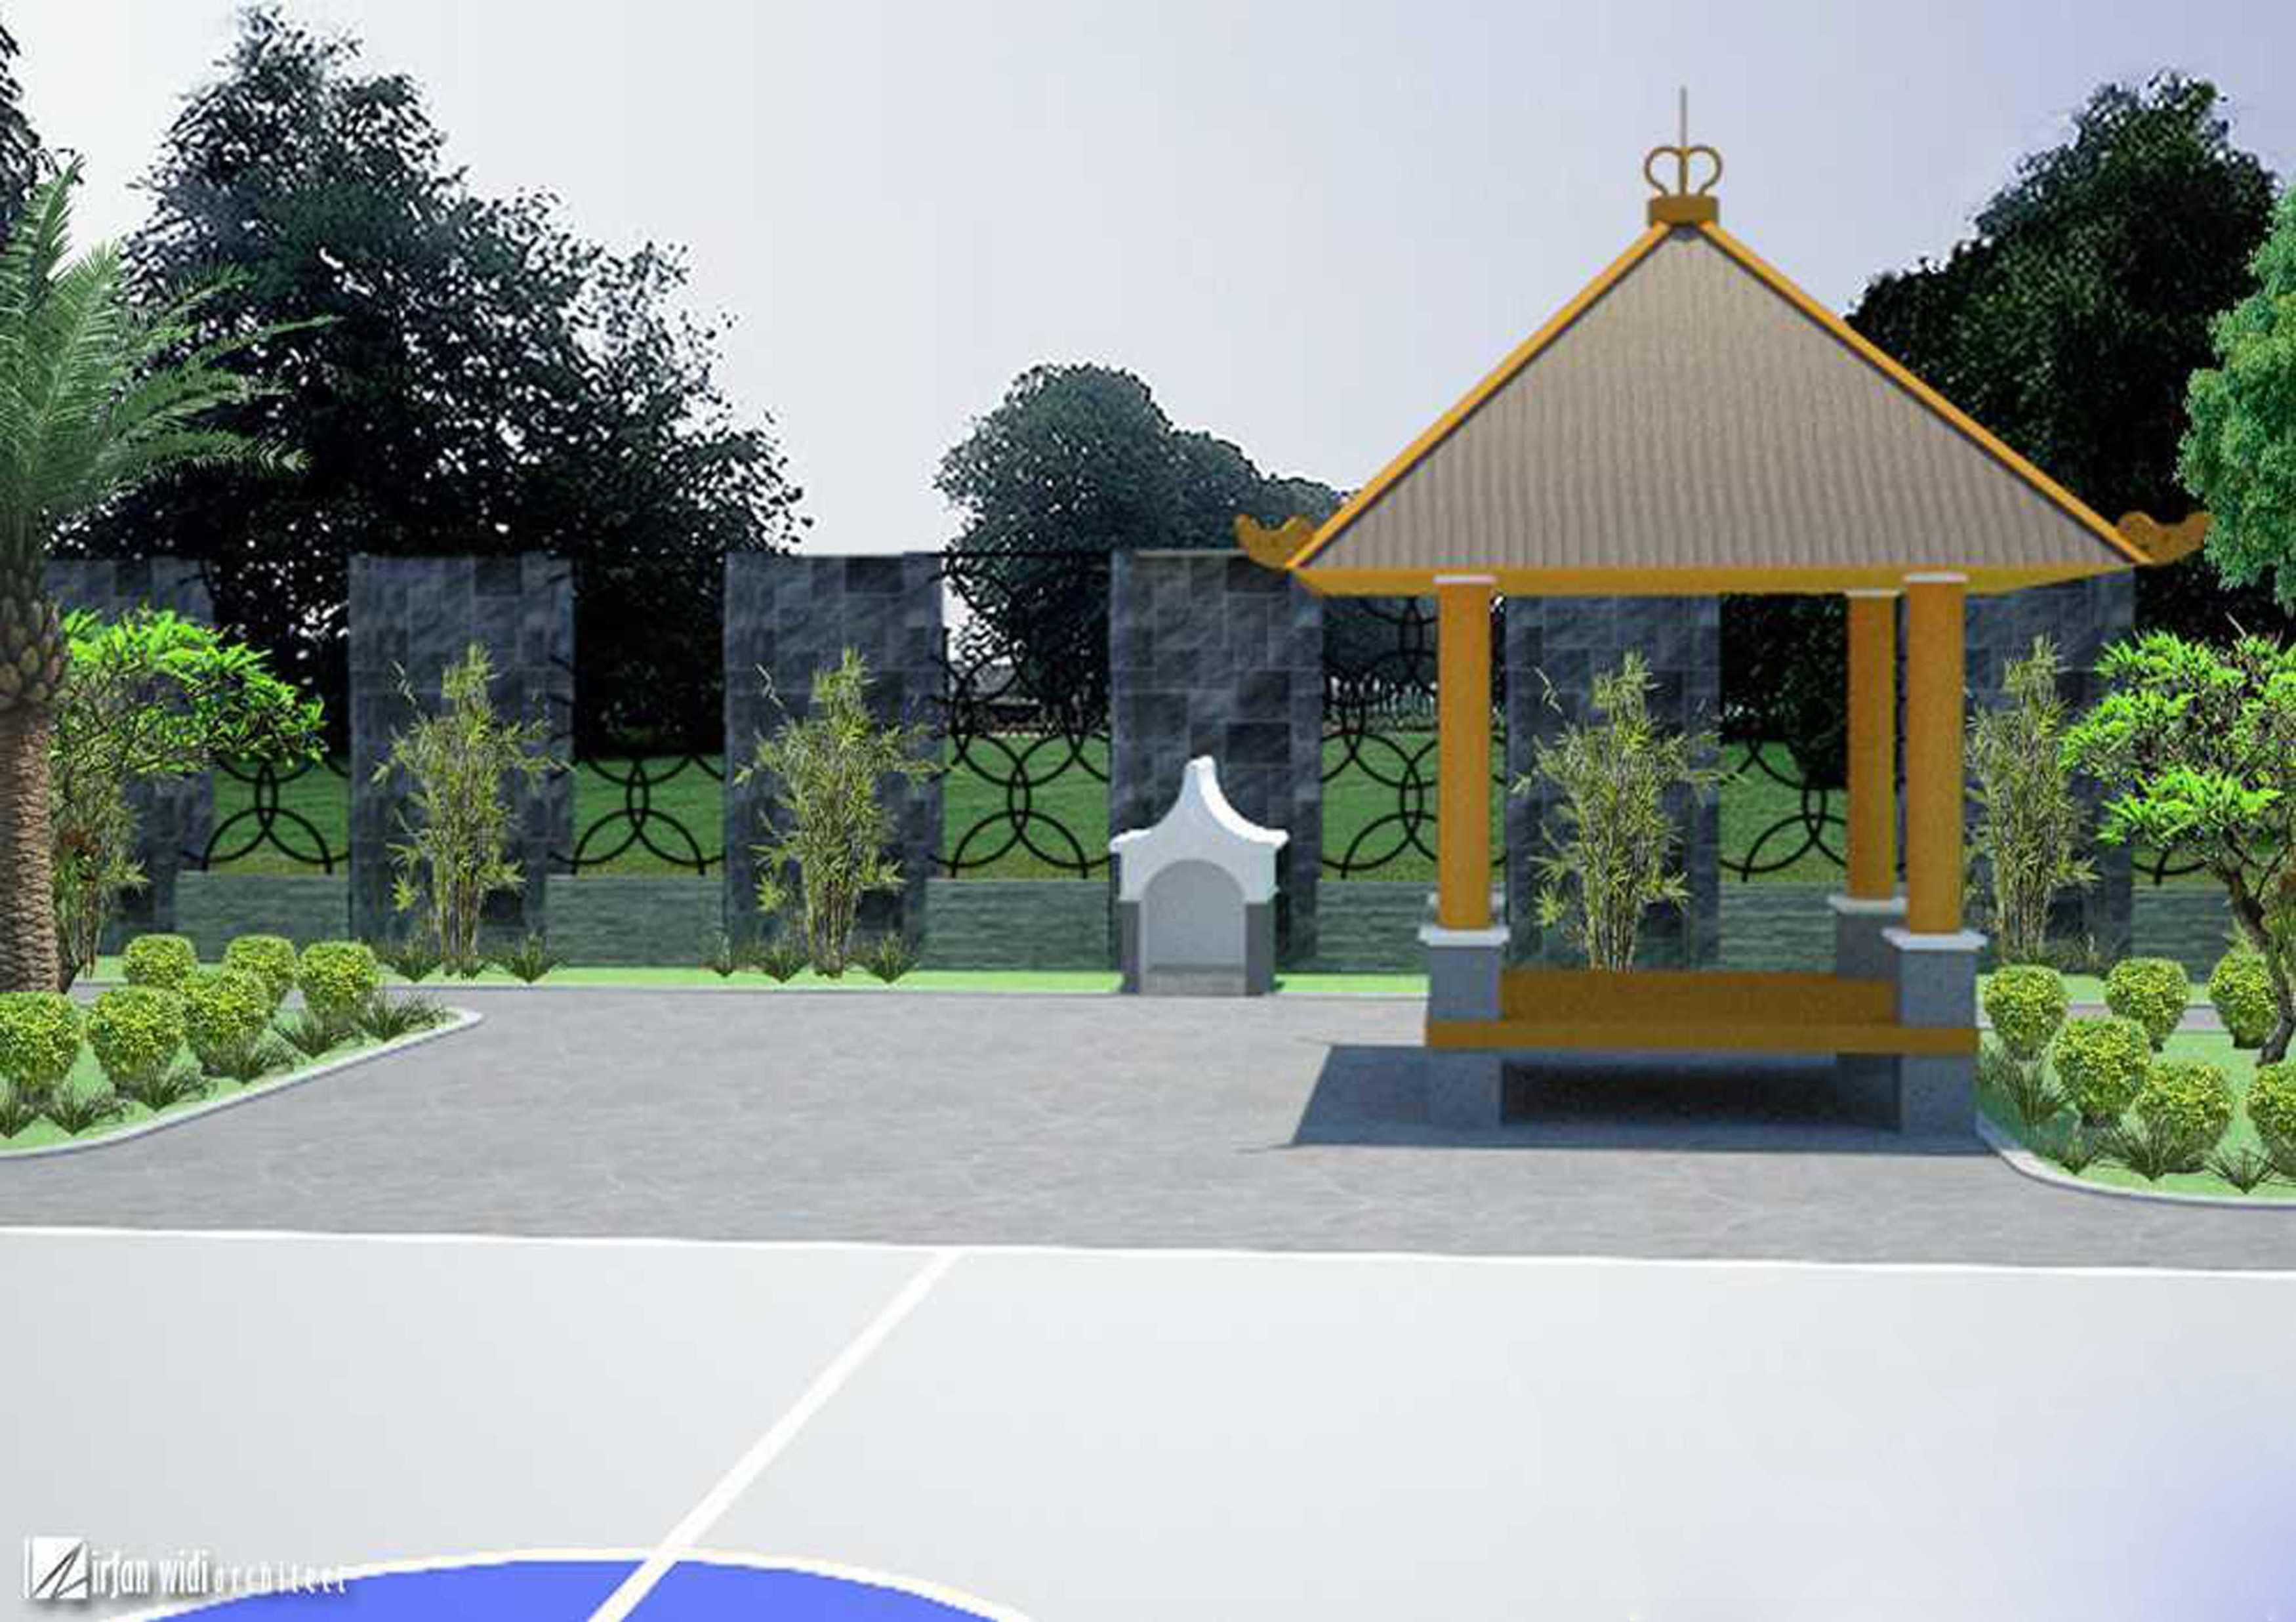 Irfanwidi Architects The Greencourt Lake Residence West, Rt.22/rw.16, Kapuk, Kebon Jeruk, West Jakarta City, Jakarta 11720, Indonesia West, Rt.22/rw.16, Kapuk, Kebon Jeruk, West Jakarta City, Jakarta 11720, Indonesia 2   33674